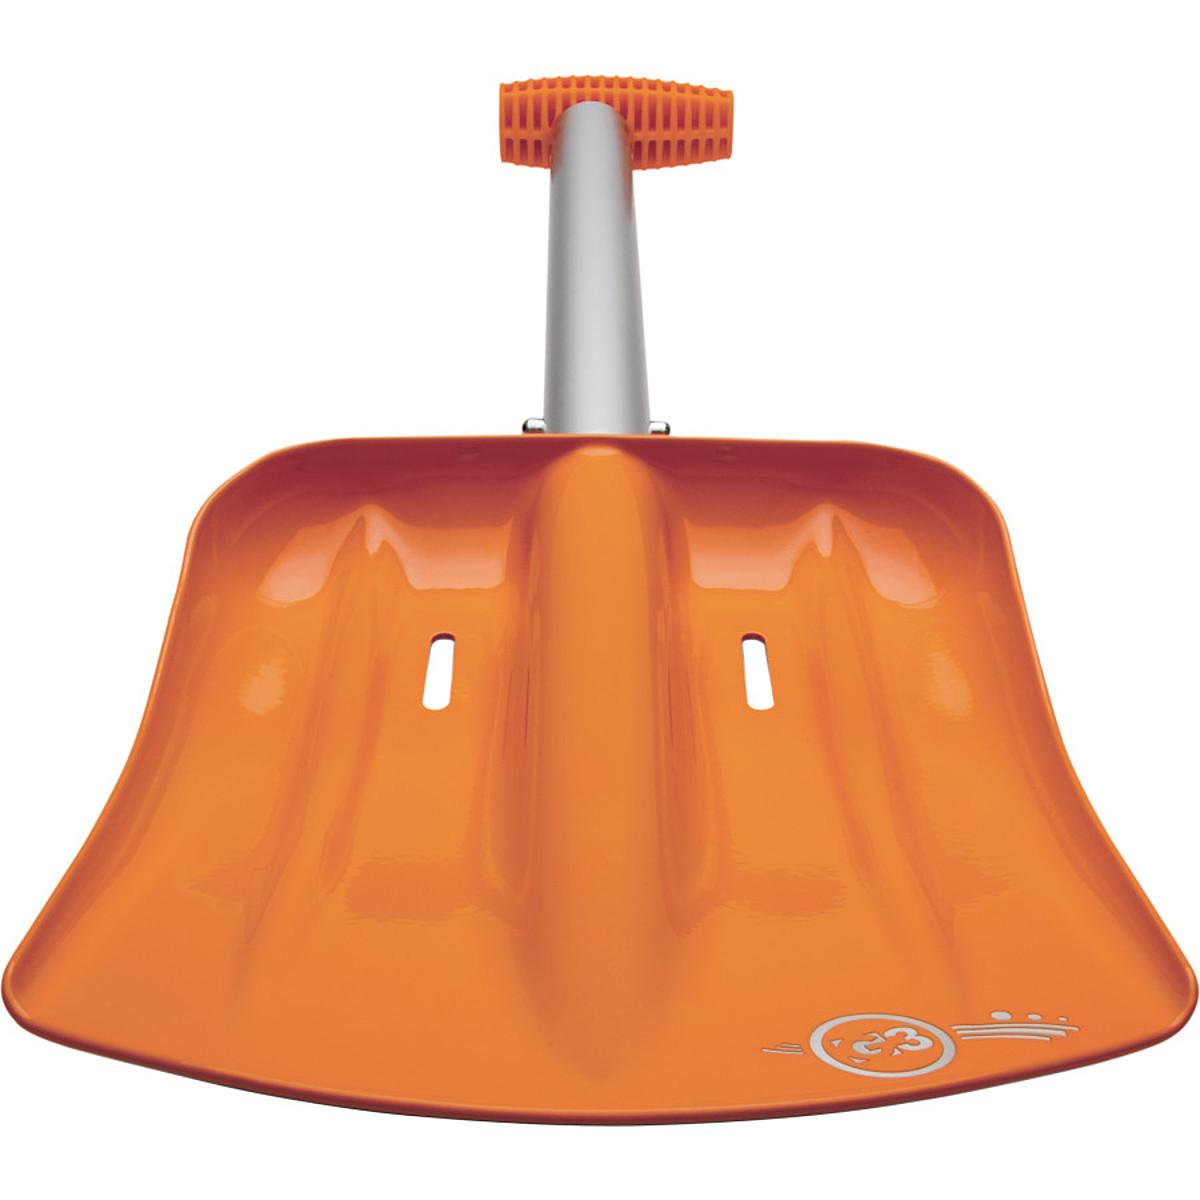 G3 SpadeTECH Elle Shovel